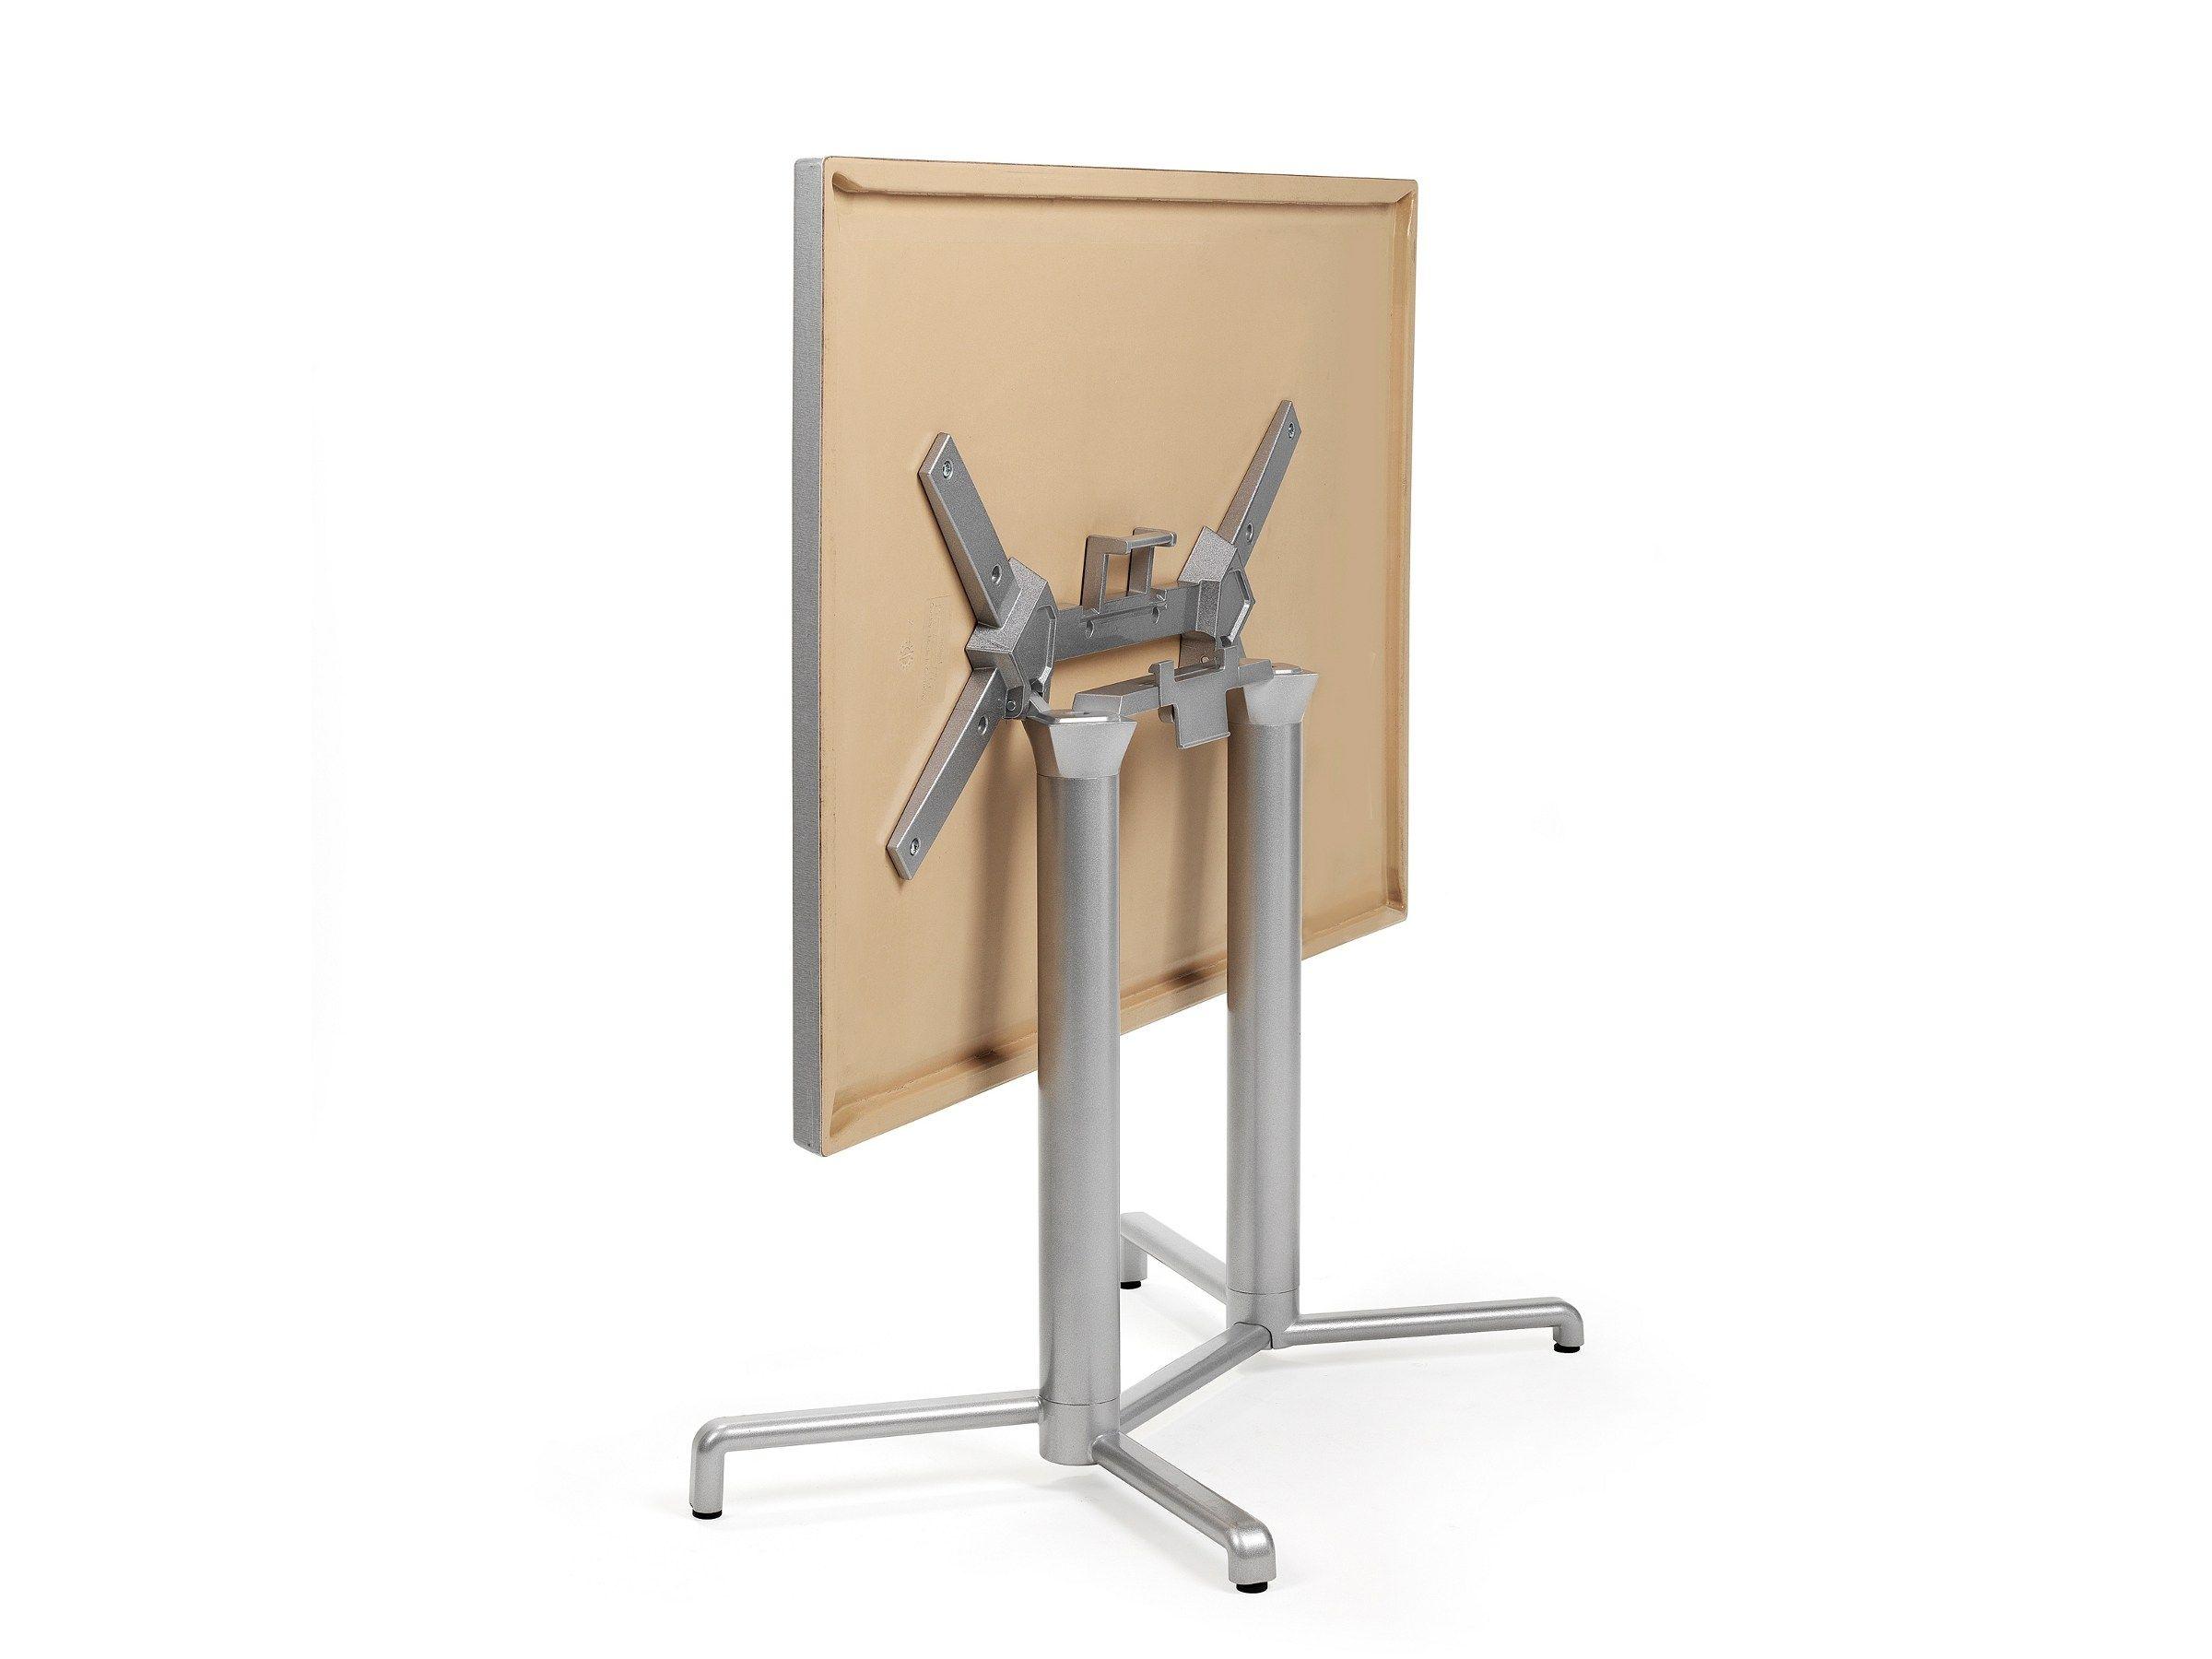 Table de jardin pliante scudo double by nardi design for Table d exterieur pliante